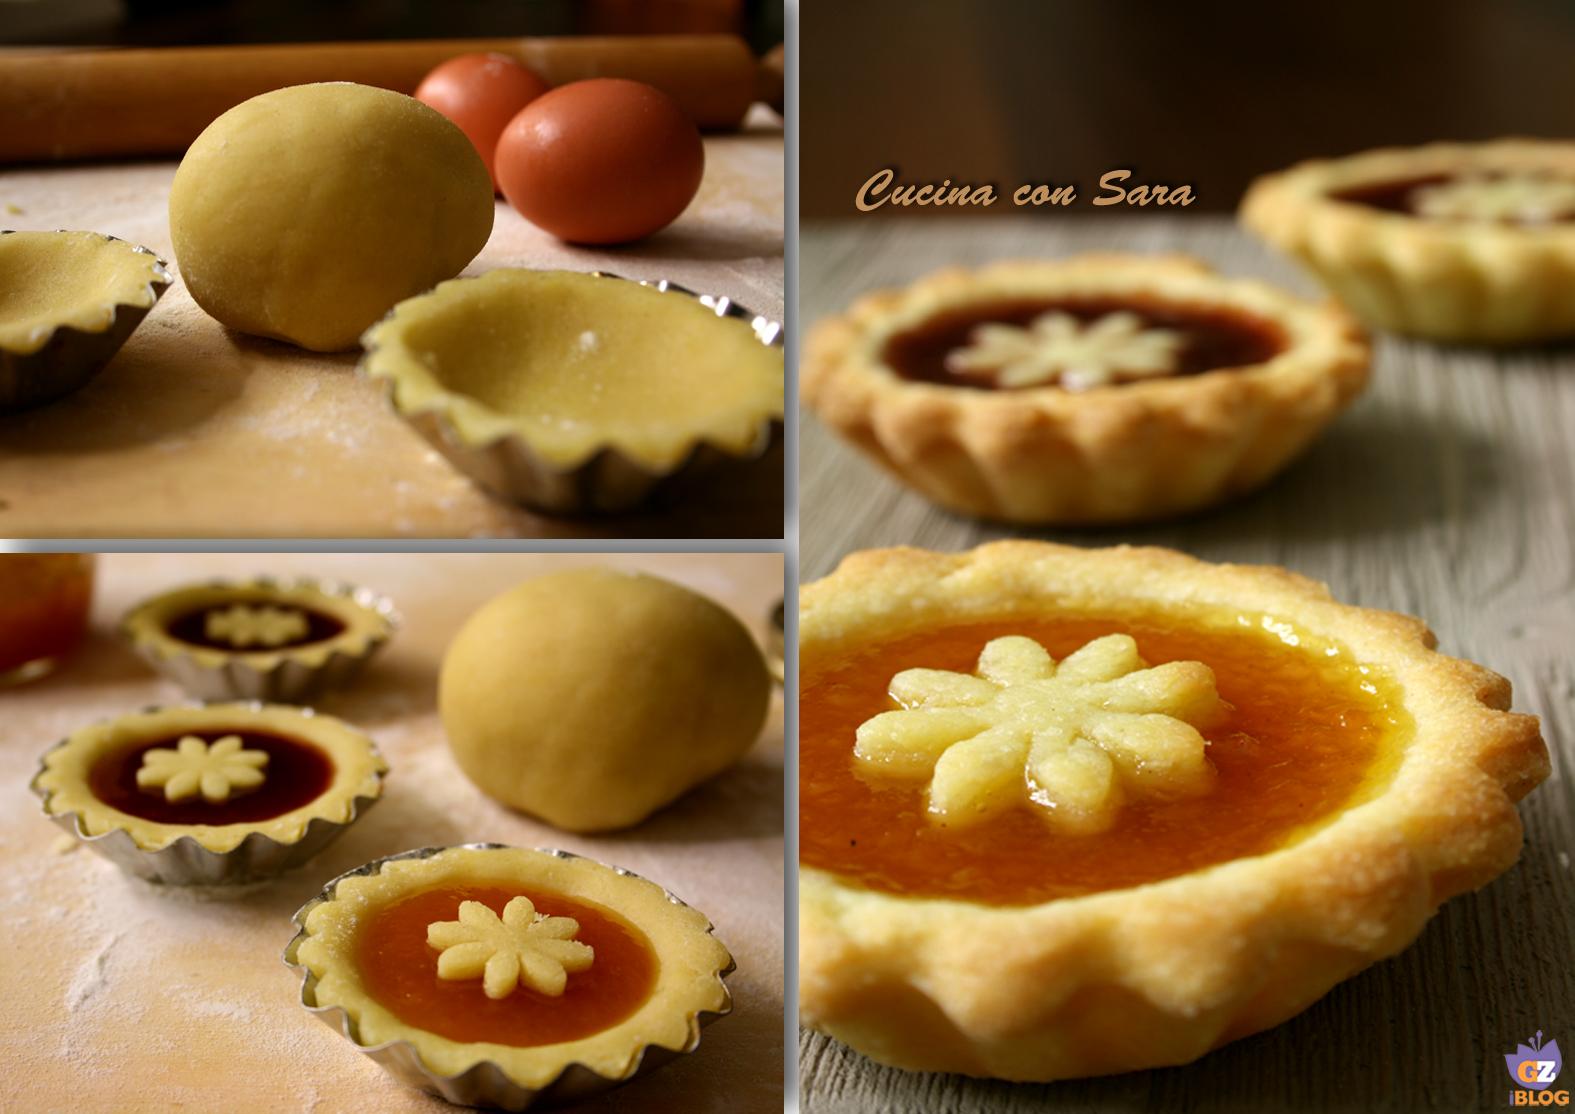 Crostatine di pasta frolla alla marmellata cucina con sara - Cucina con sara ...